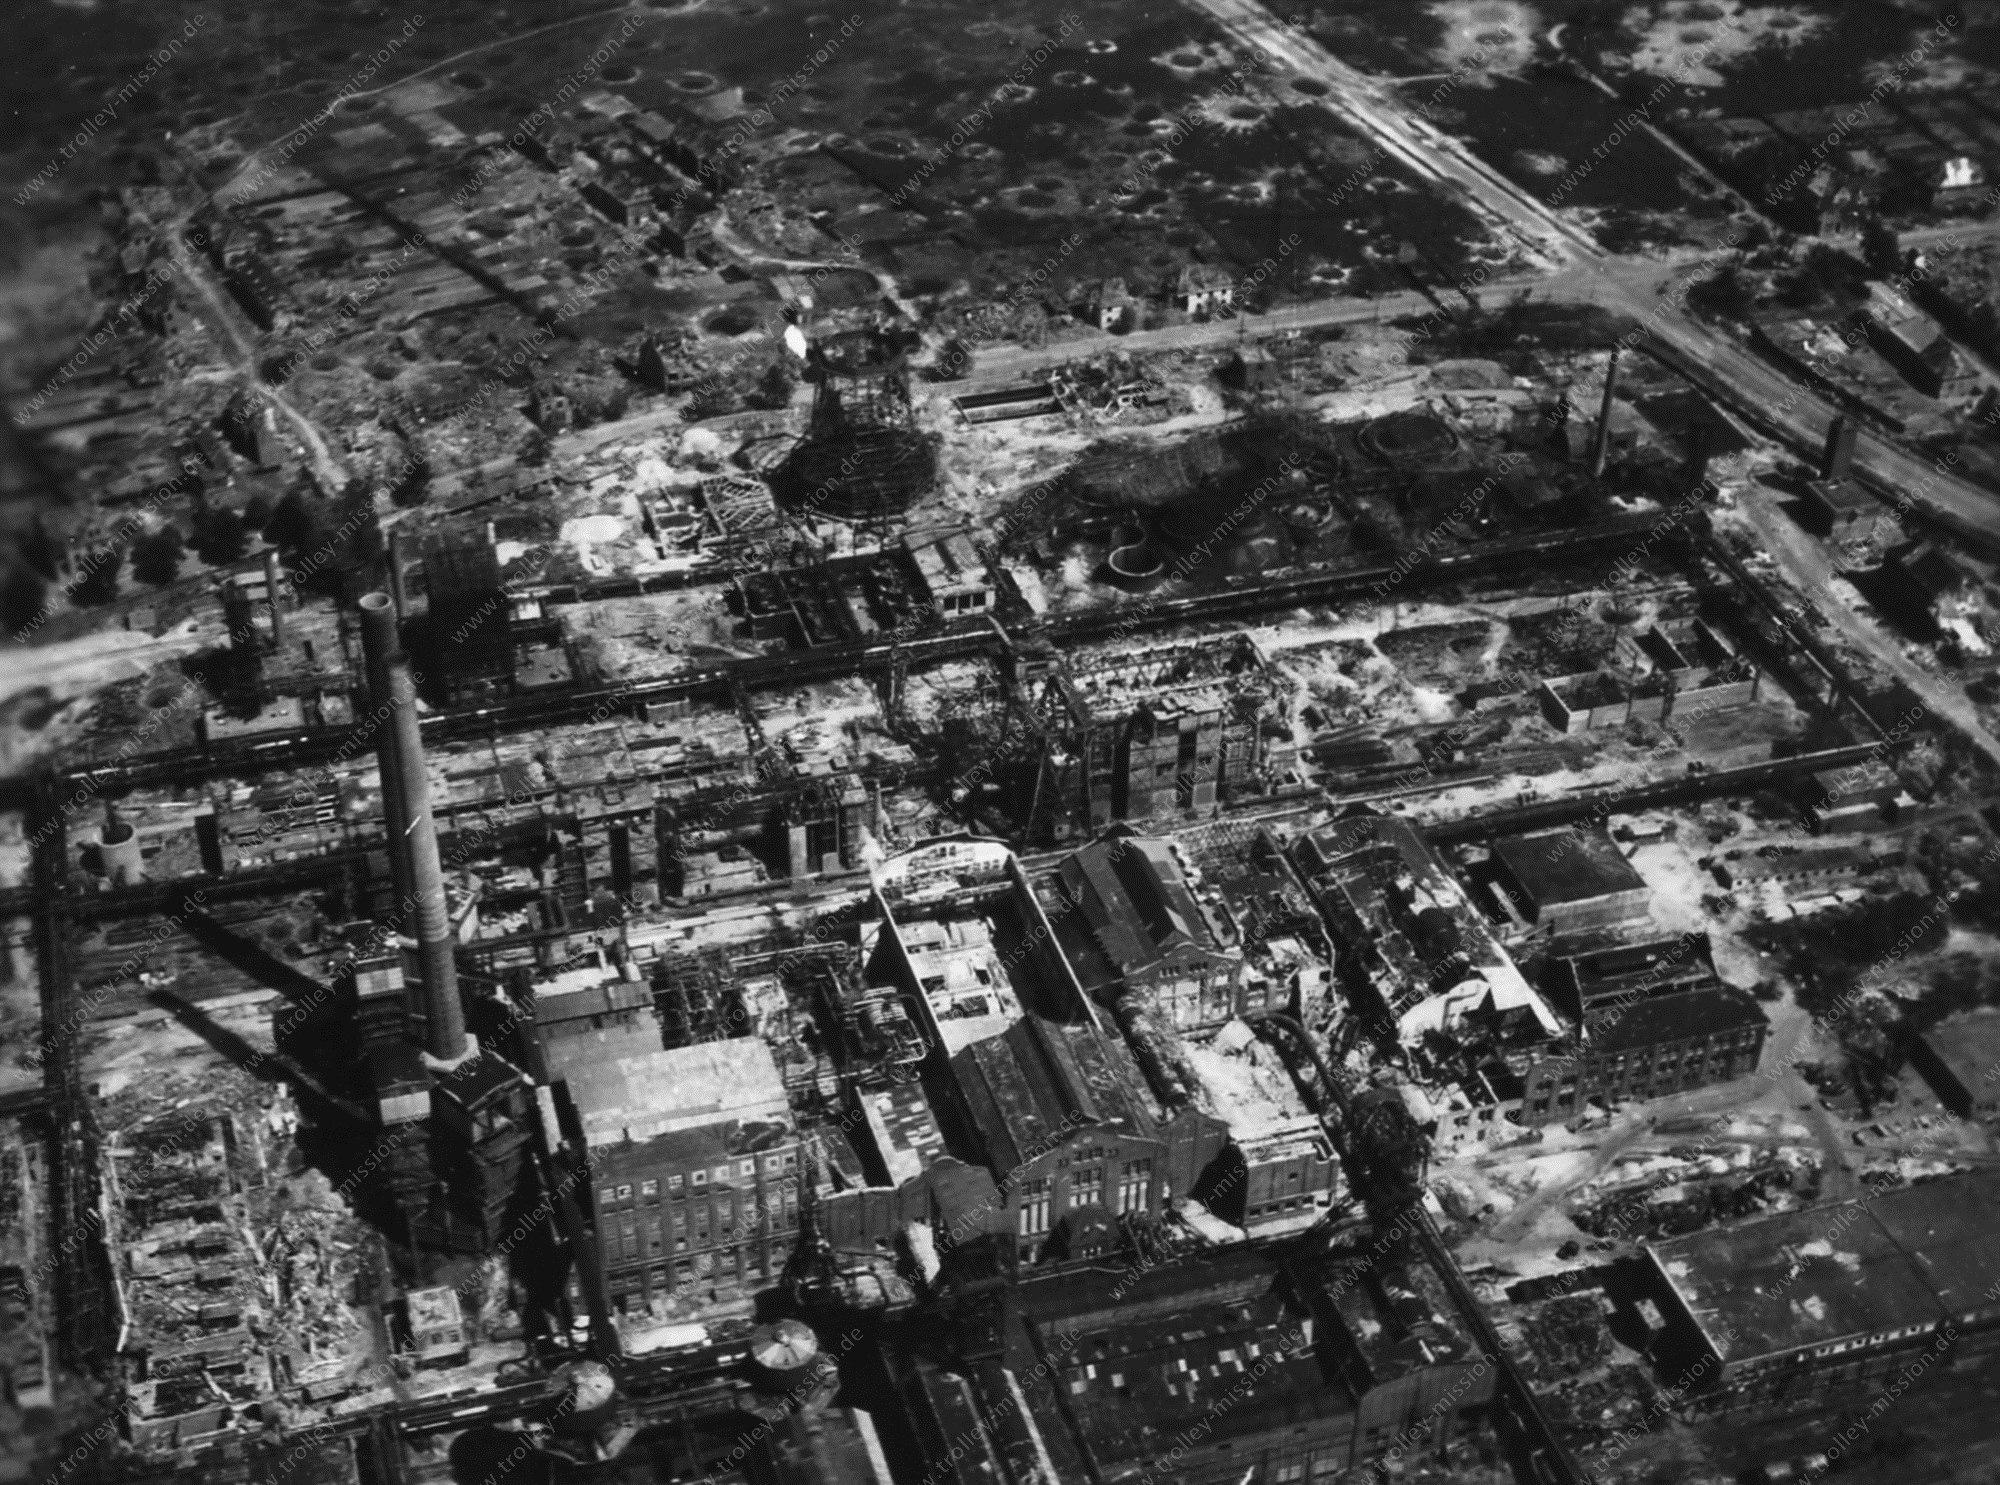 Luftbild Bottrop Hydrierwerk Welheim bzw. Zeche Vereinigte Welheim im Mai 1945